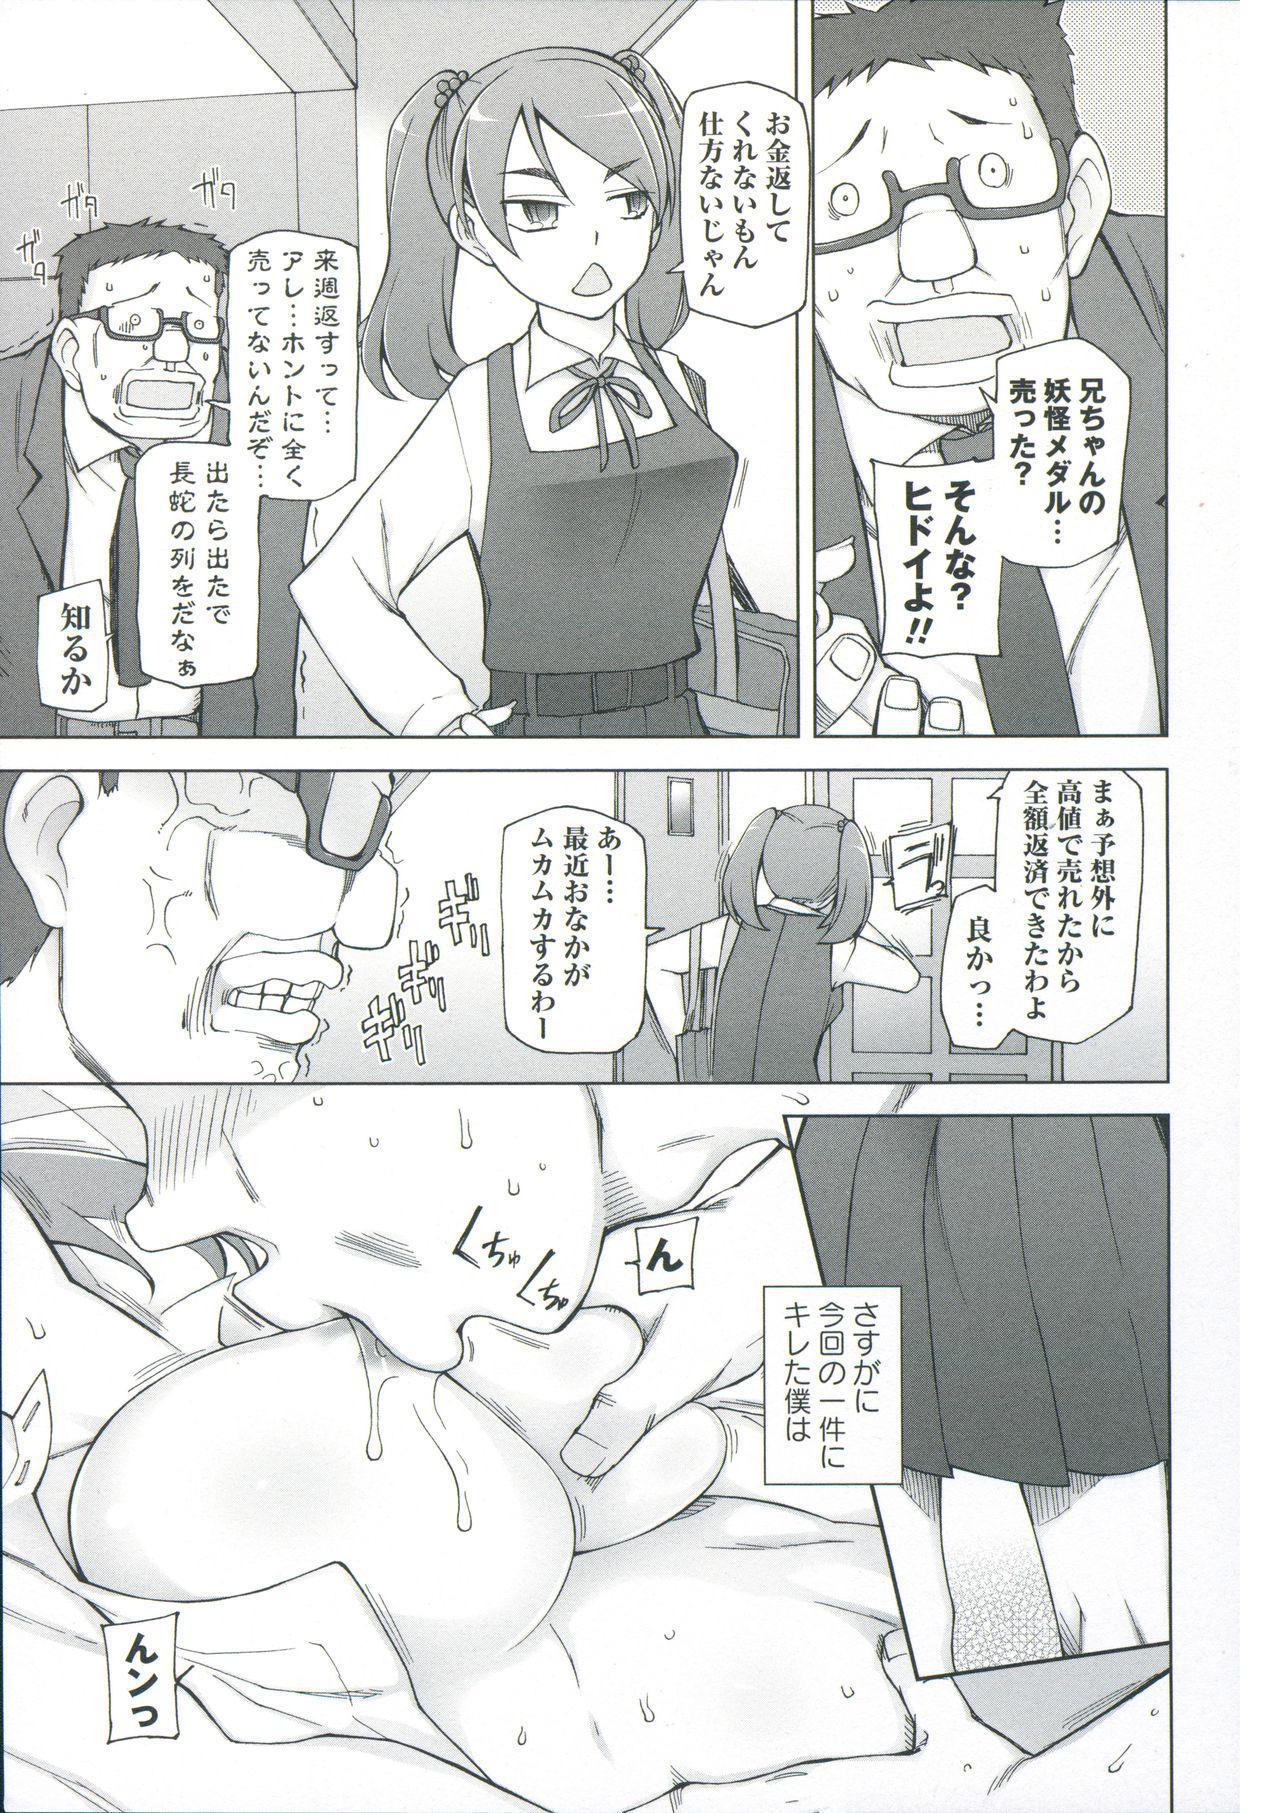 Zettai Jusei Namahame Shoujo 64